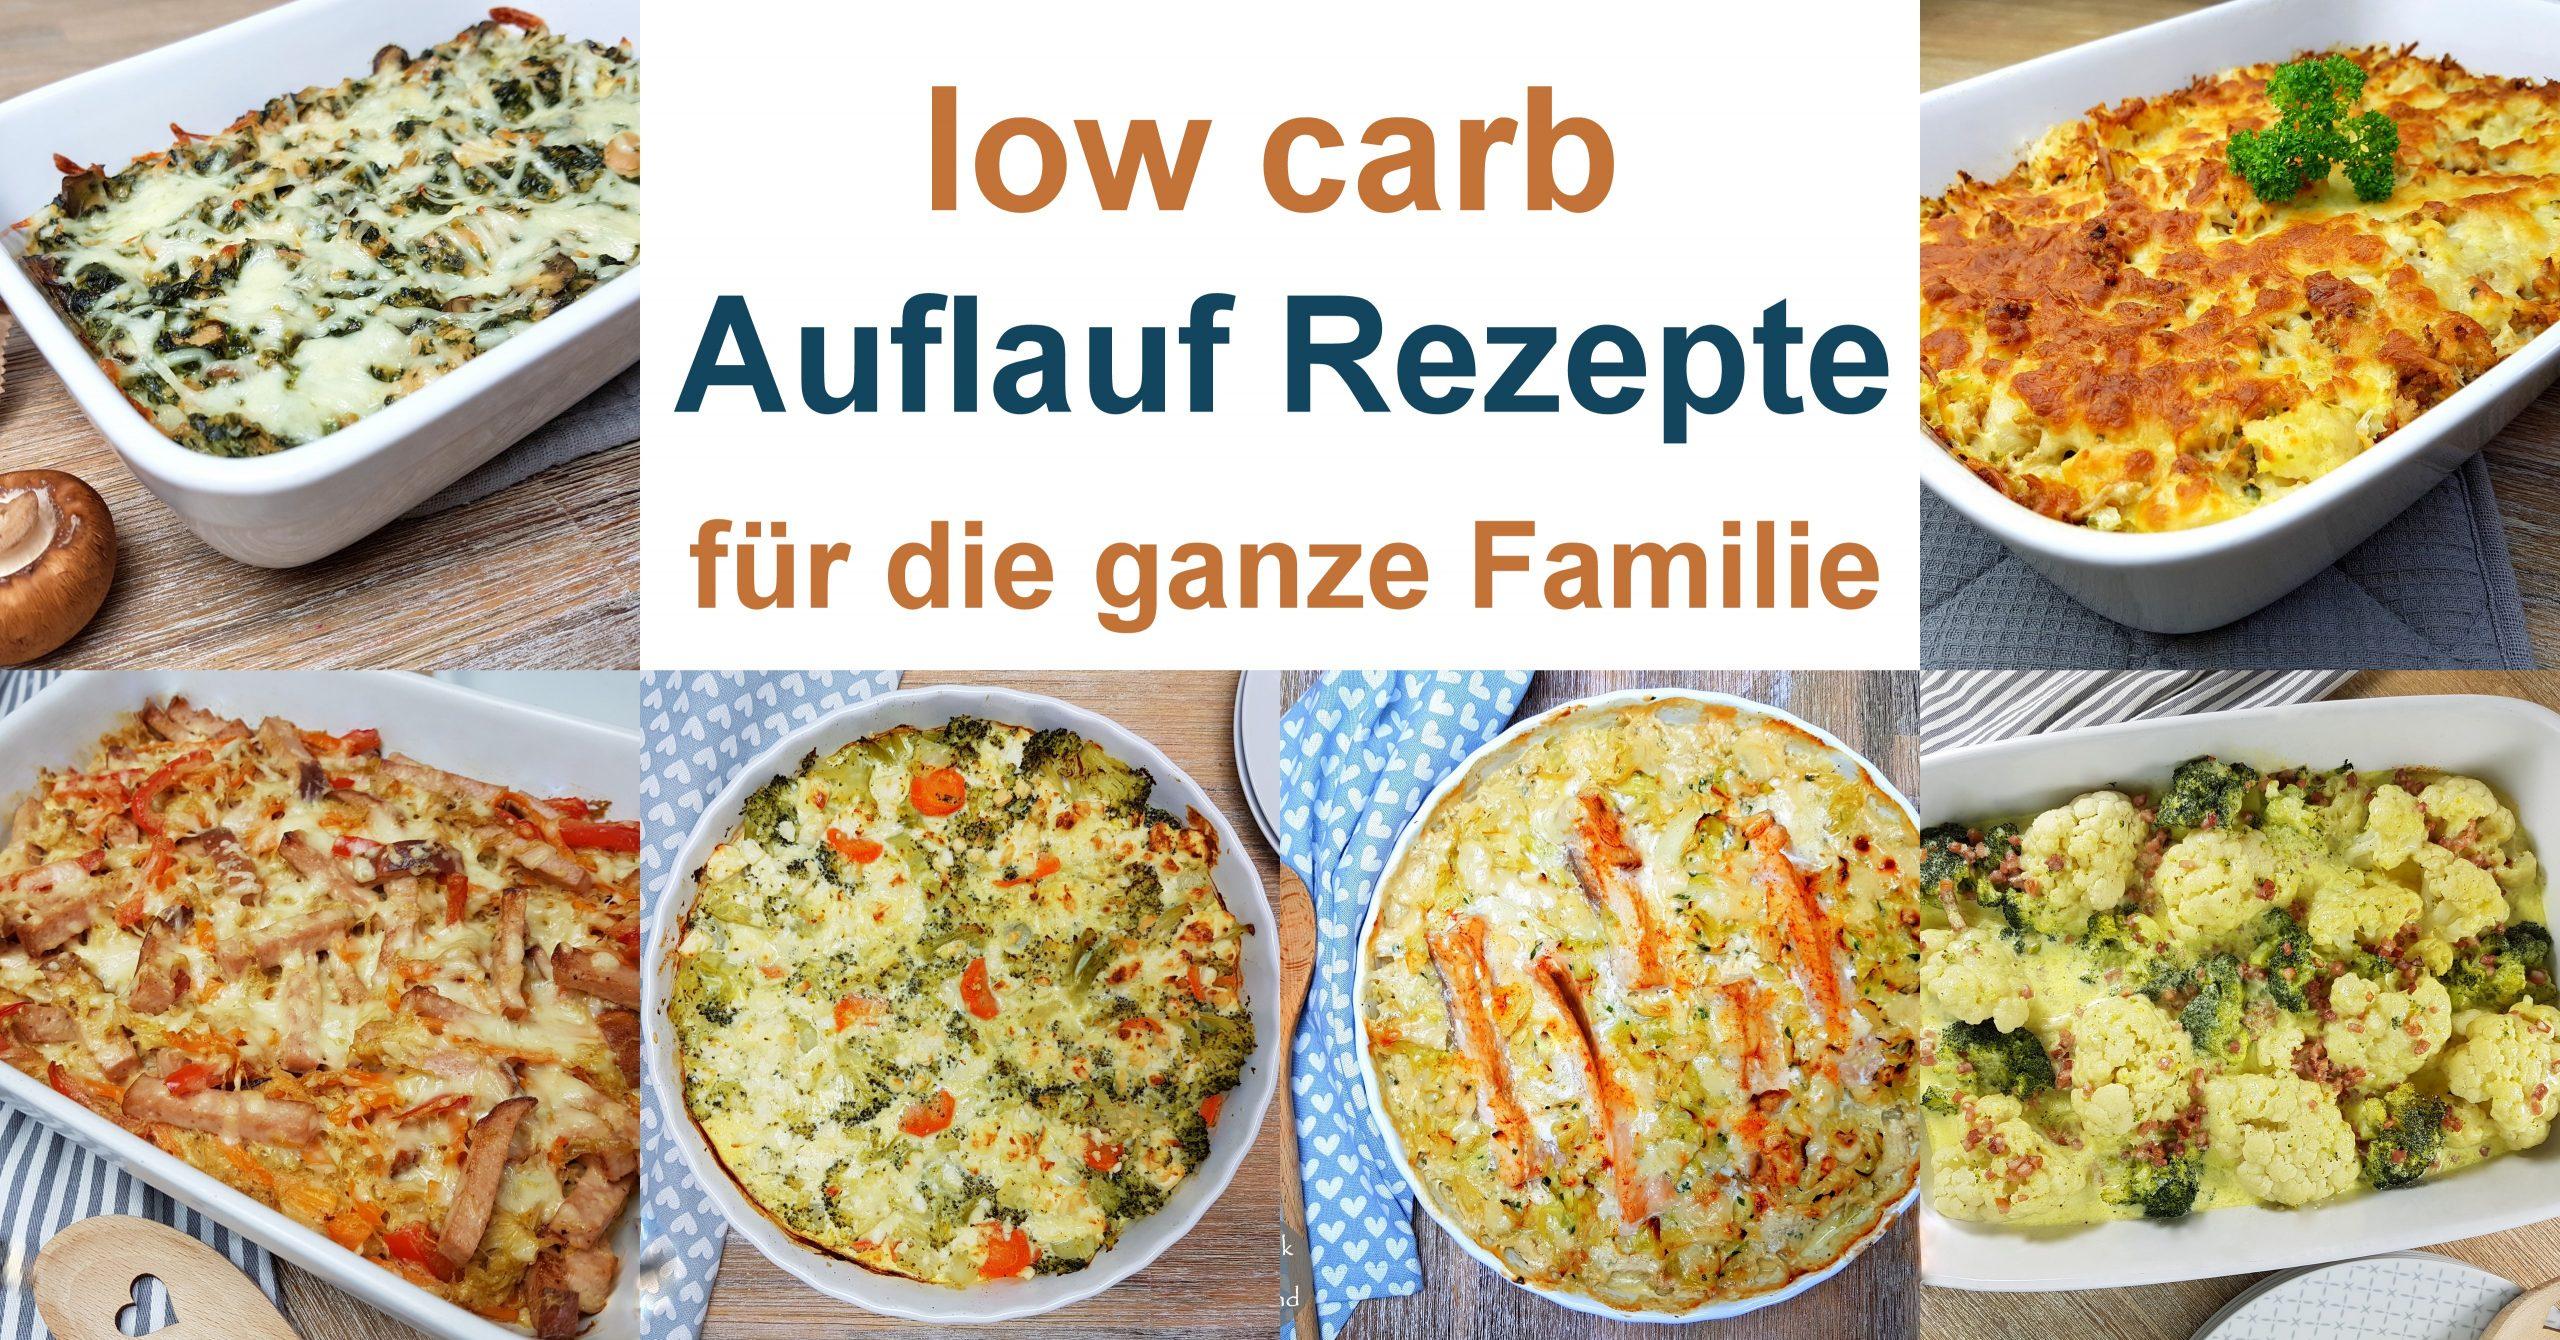 Low Carb Auflauf Rezepte Für Die Ganze Familie – Low Carb bei Rezepte Familie